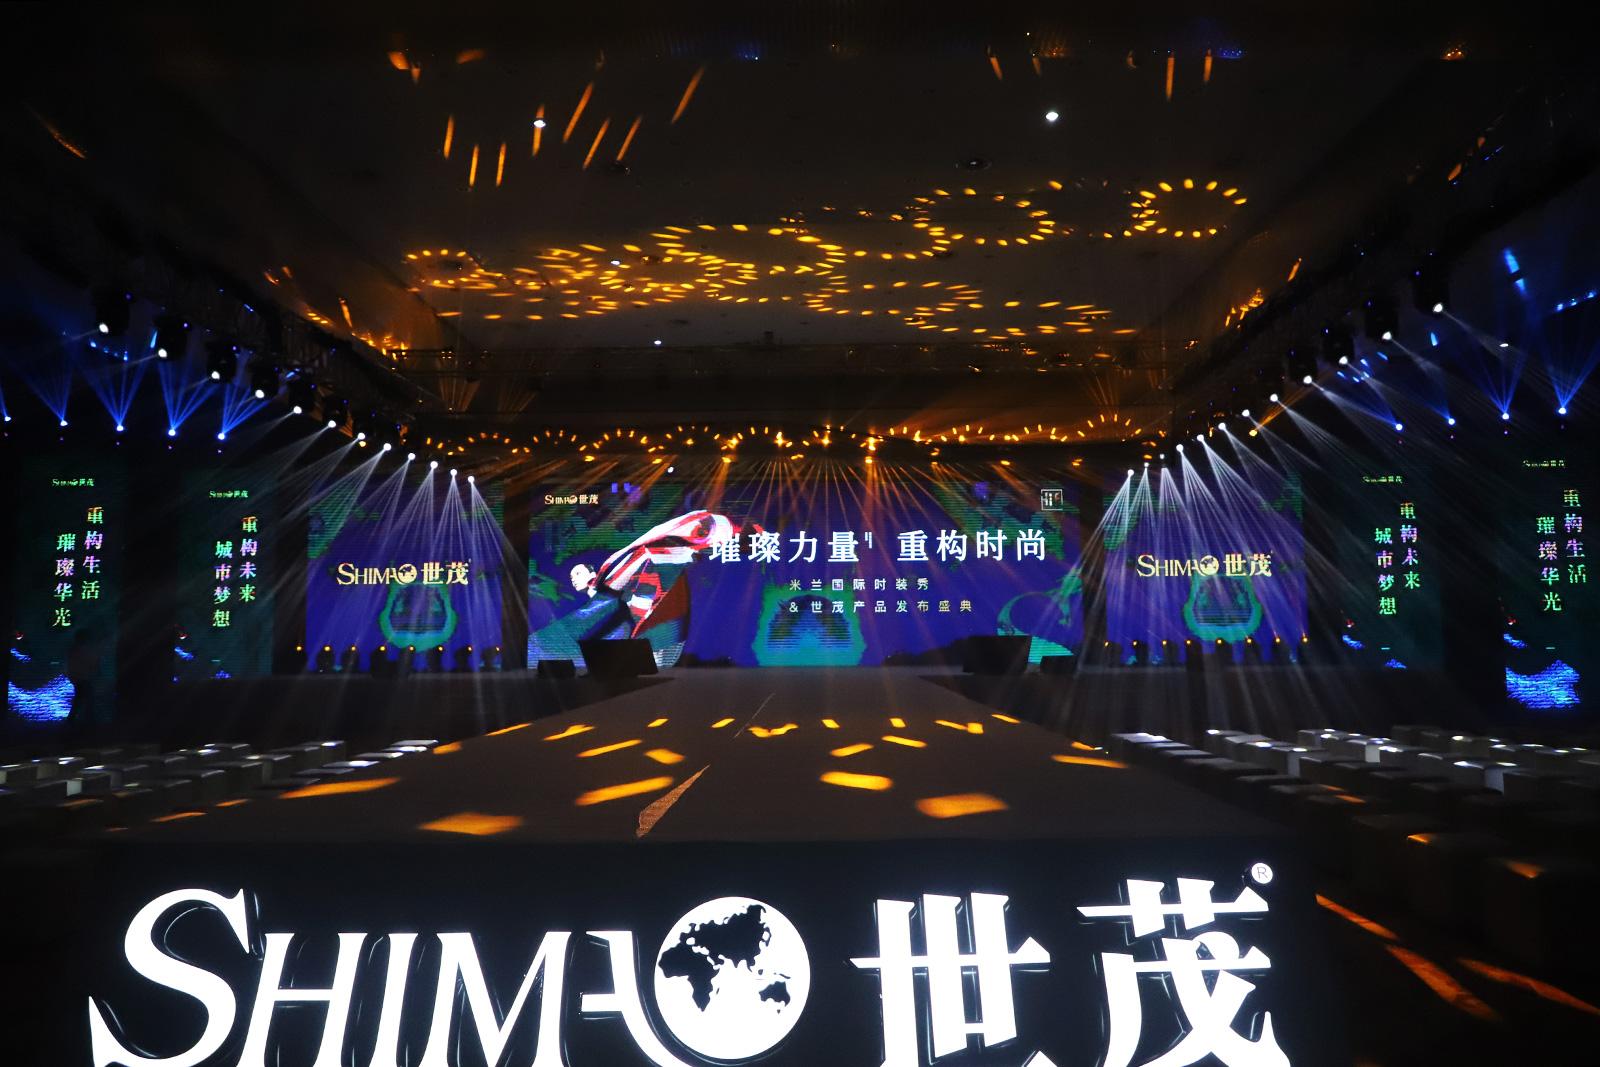 米兰国际时装秀&世茂产品发布盛典璀璨绽放